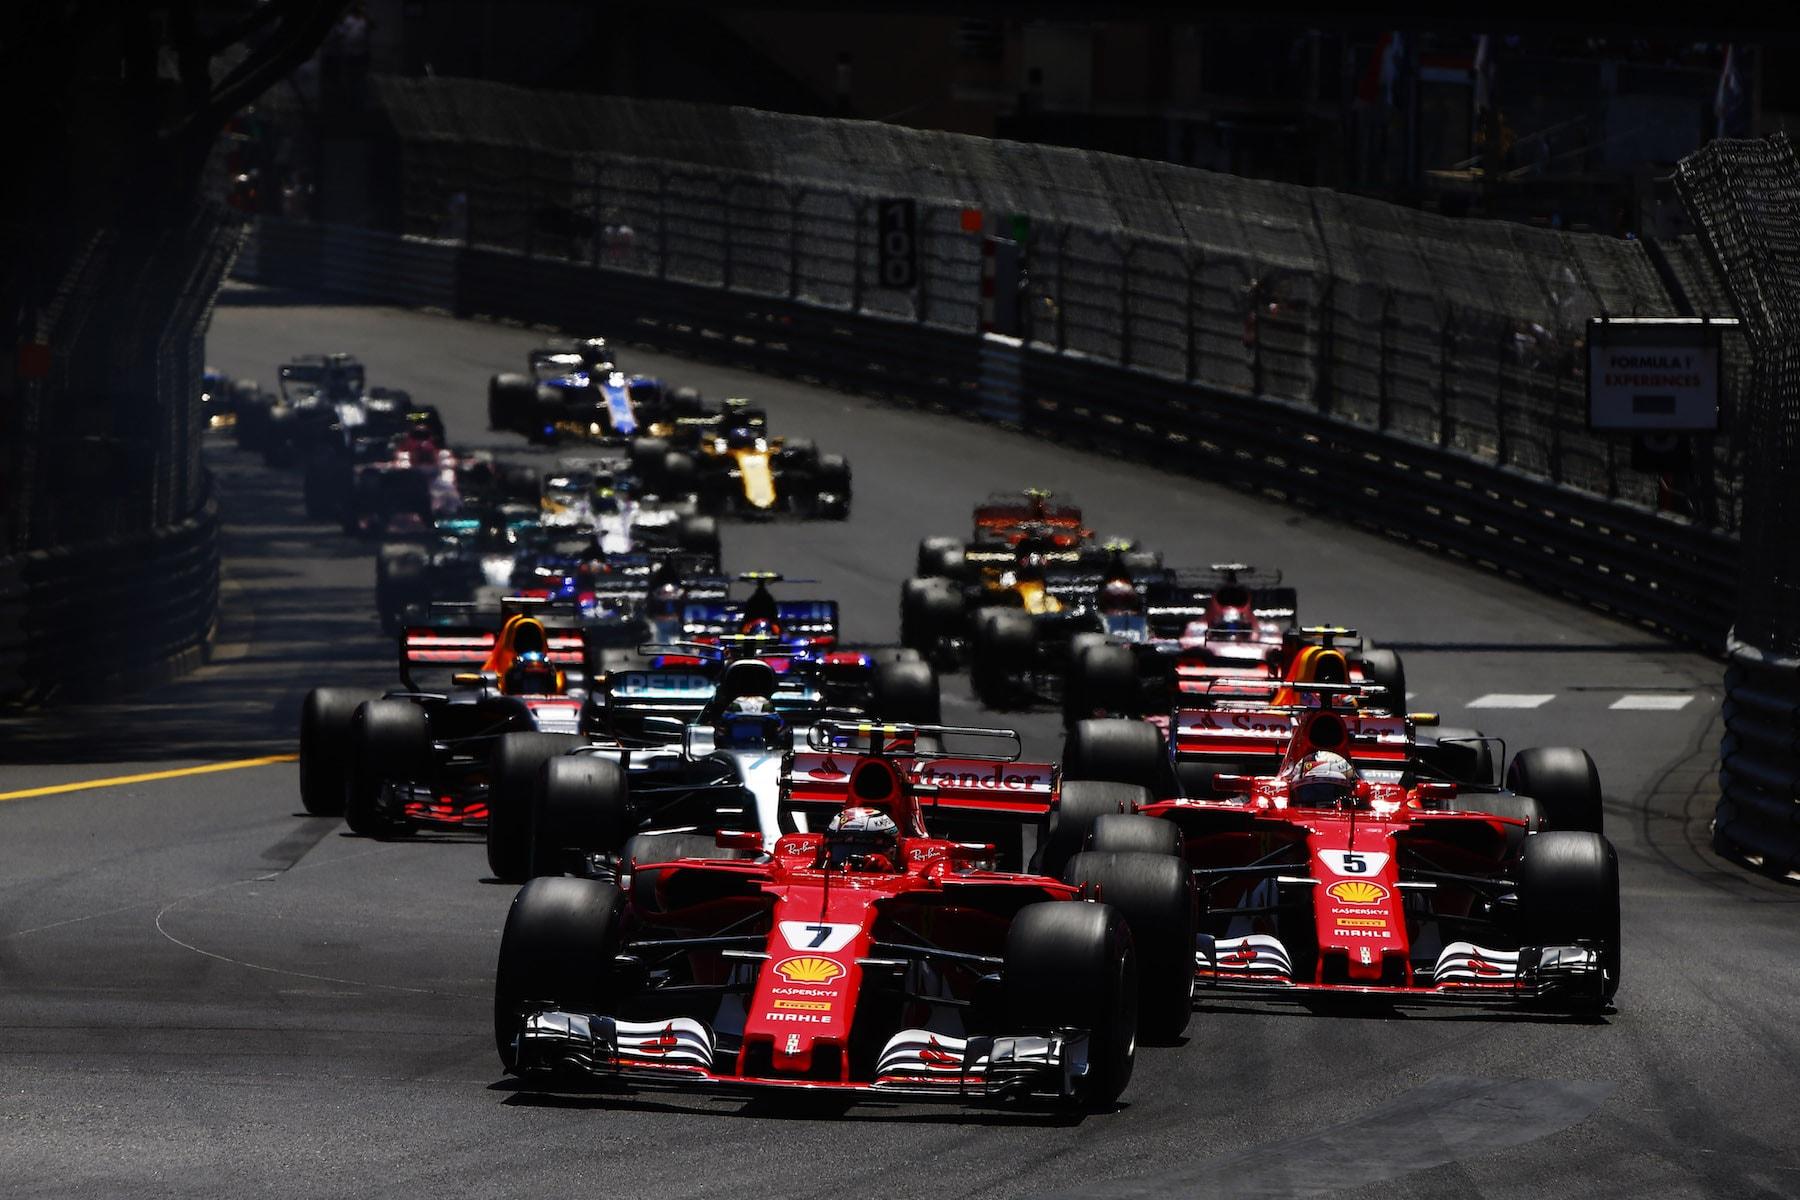 B 2017 Monaco GP start 2 copy.jpg